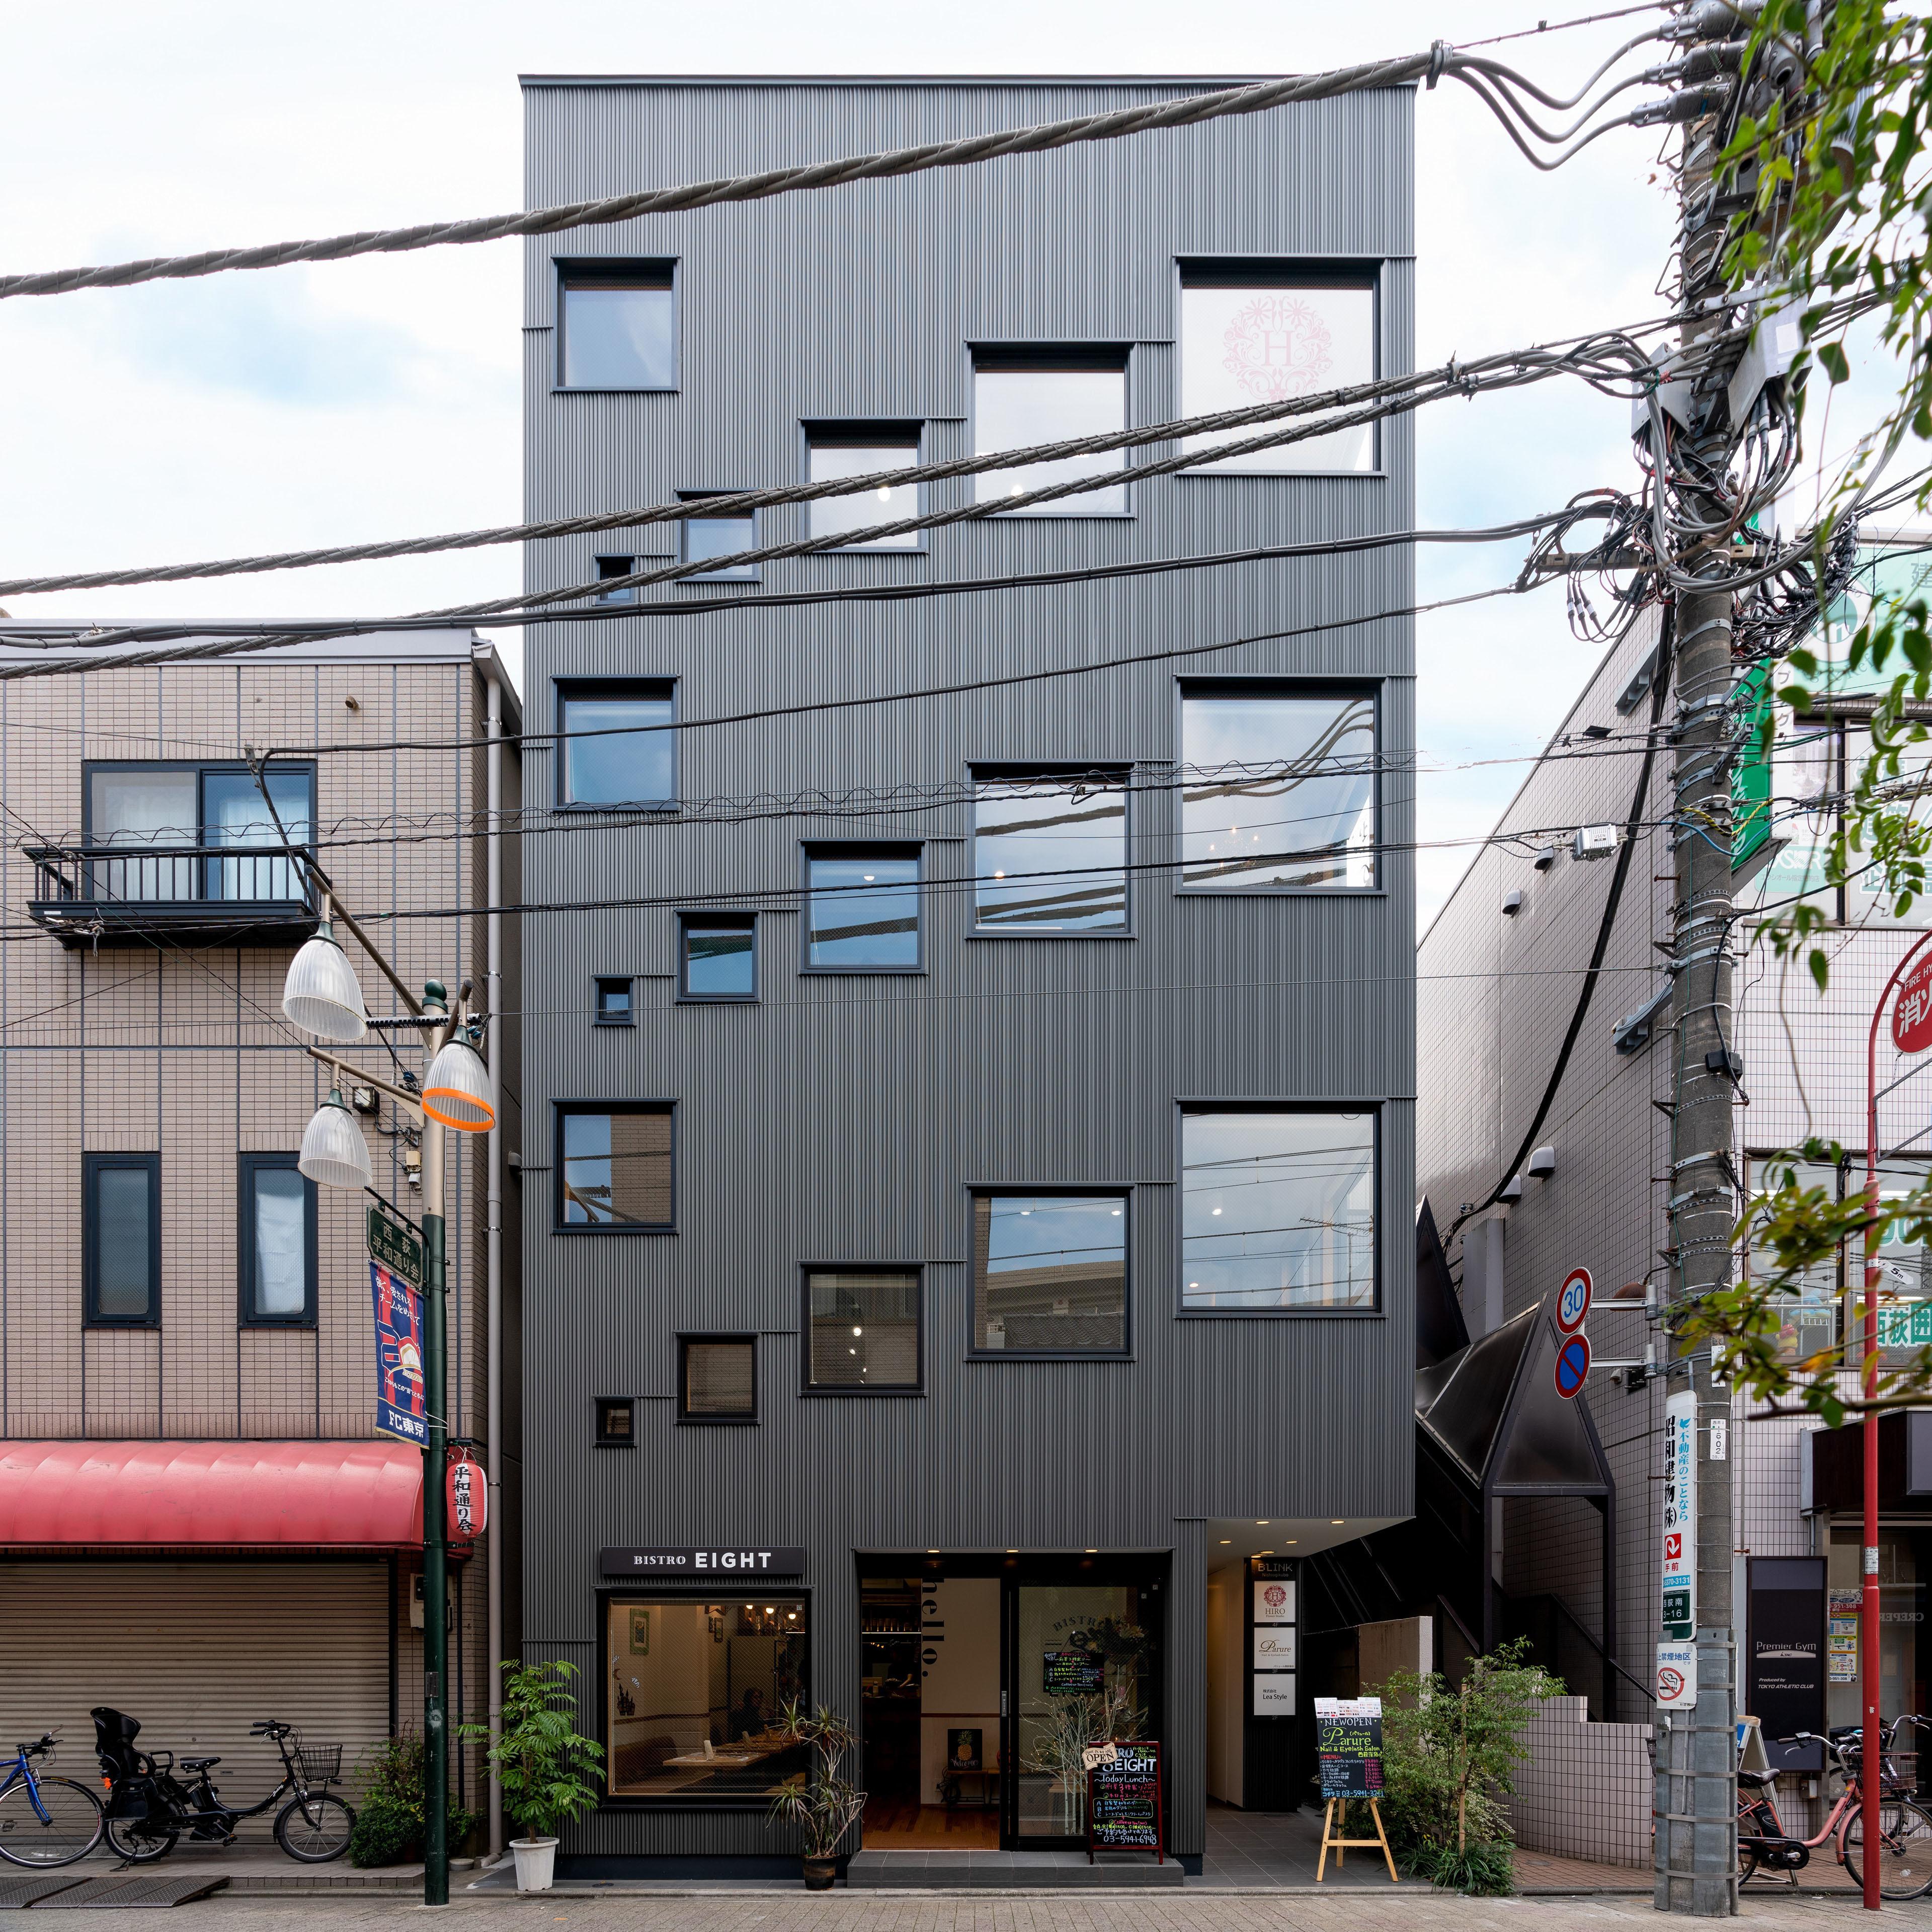 西荻窪の駅前のテナントビル。窓の大きさと並べ方によって街と室内との動的な関係性を築きました。